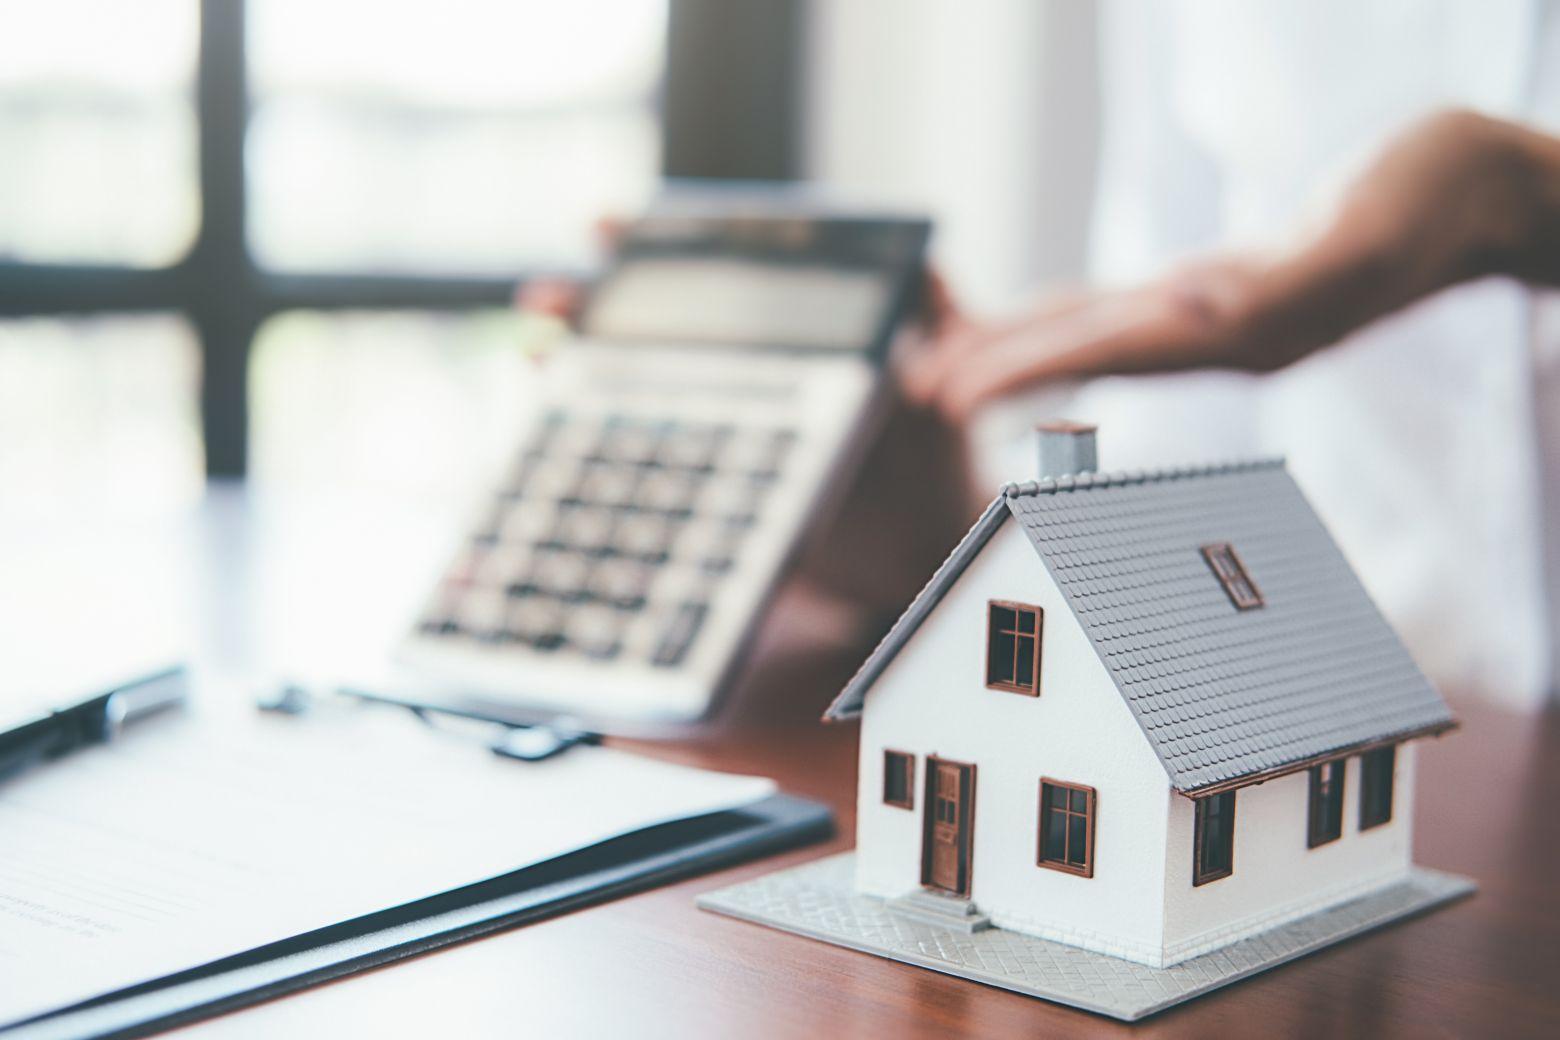 pret hypothecaire pointe claire